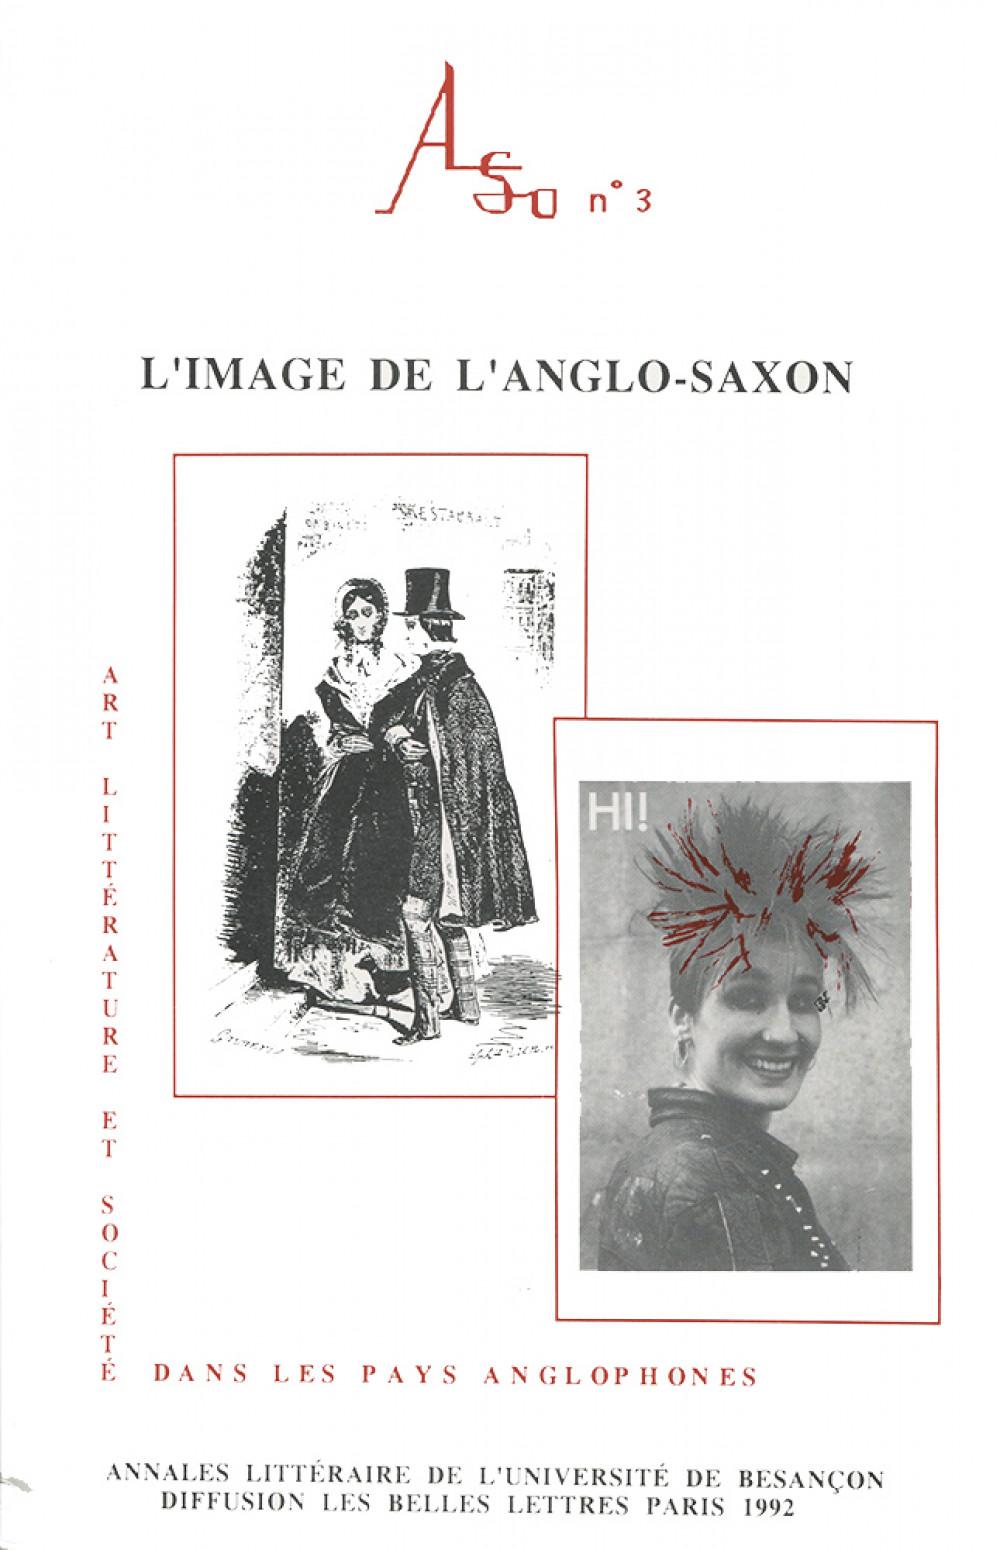 L'image de l'Anglo-Saxon